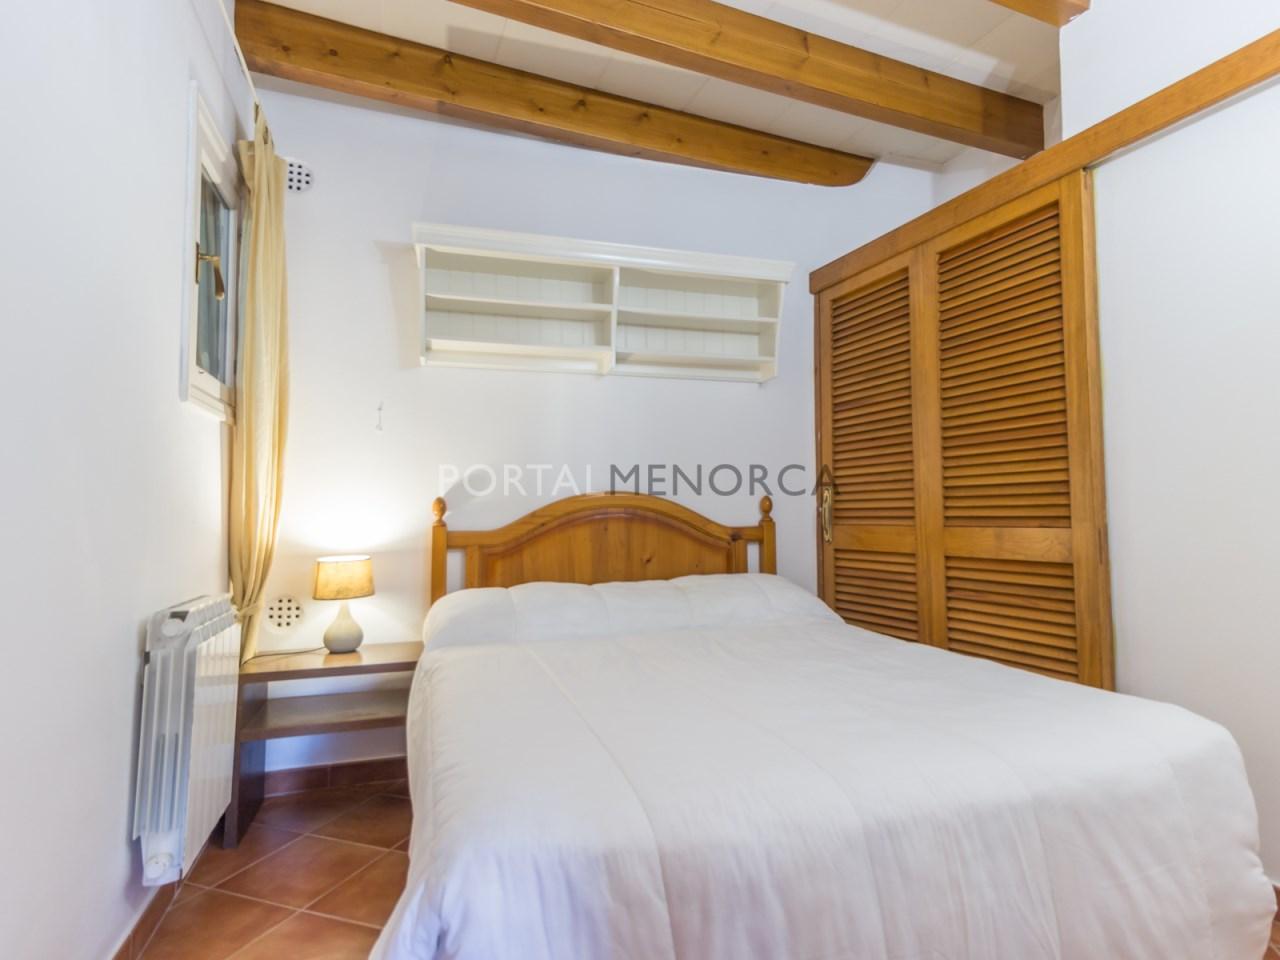 appartement bord du mer port de ciutadella Minorque (10 de 13)